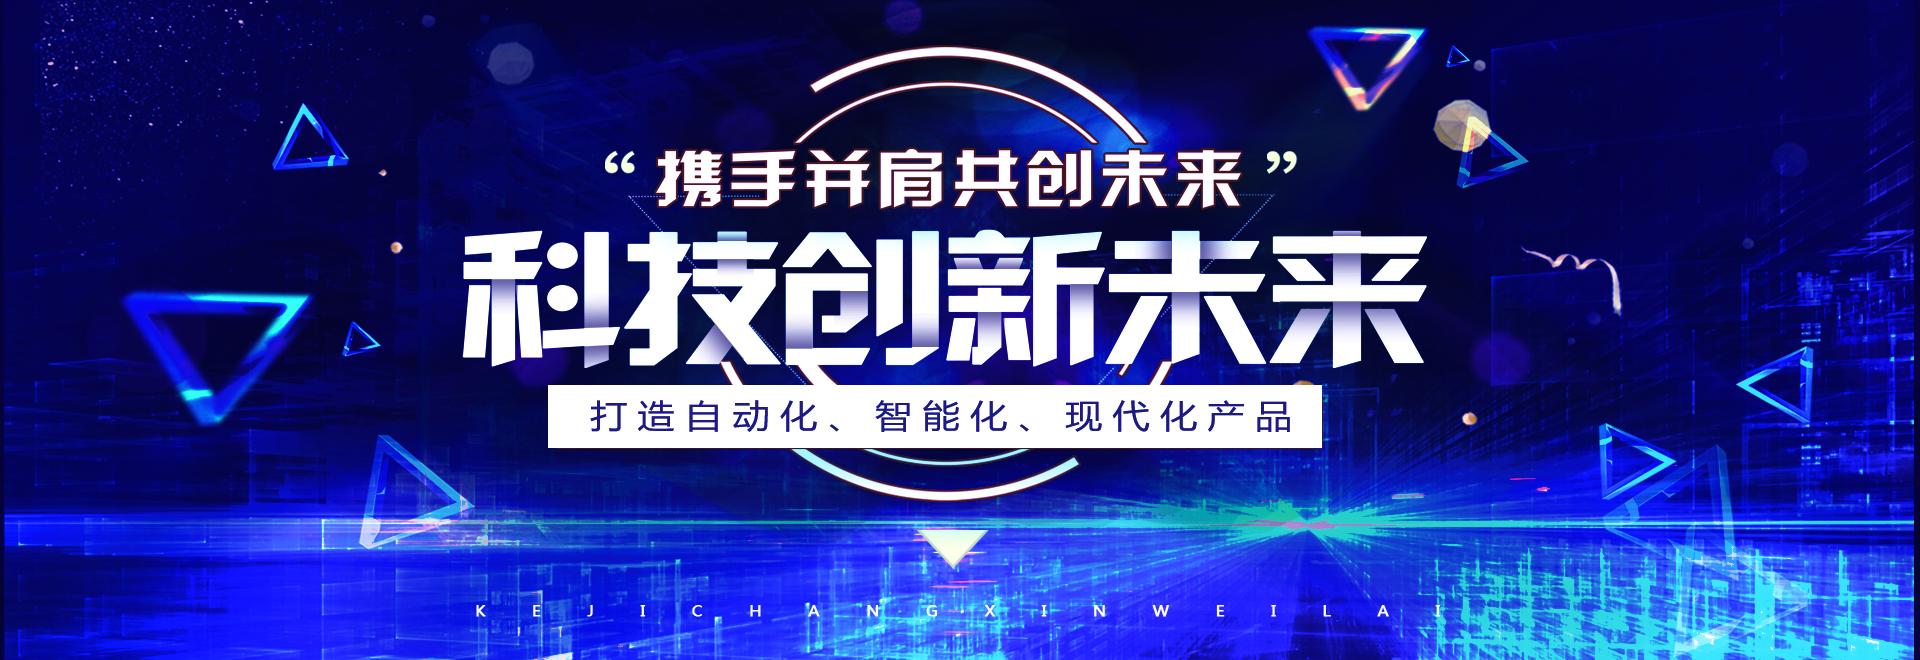 说球帝官网_说球帝官网nba_说球帝直播app下载iOS